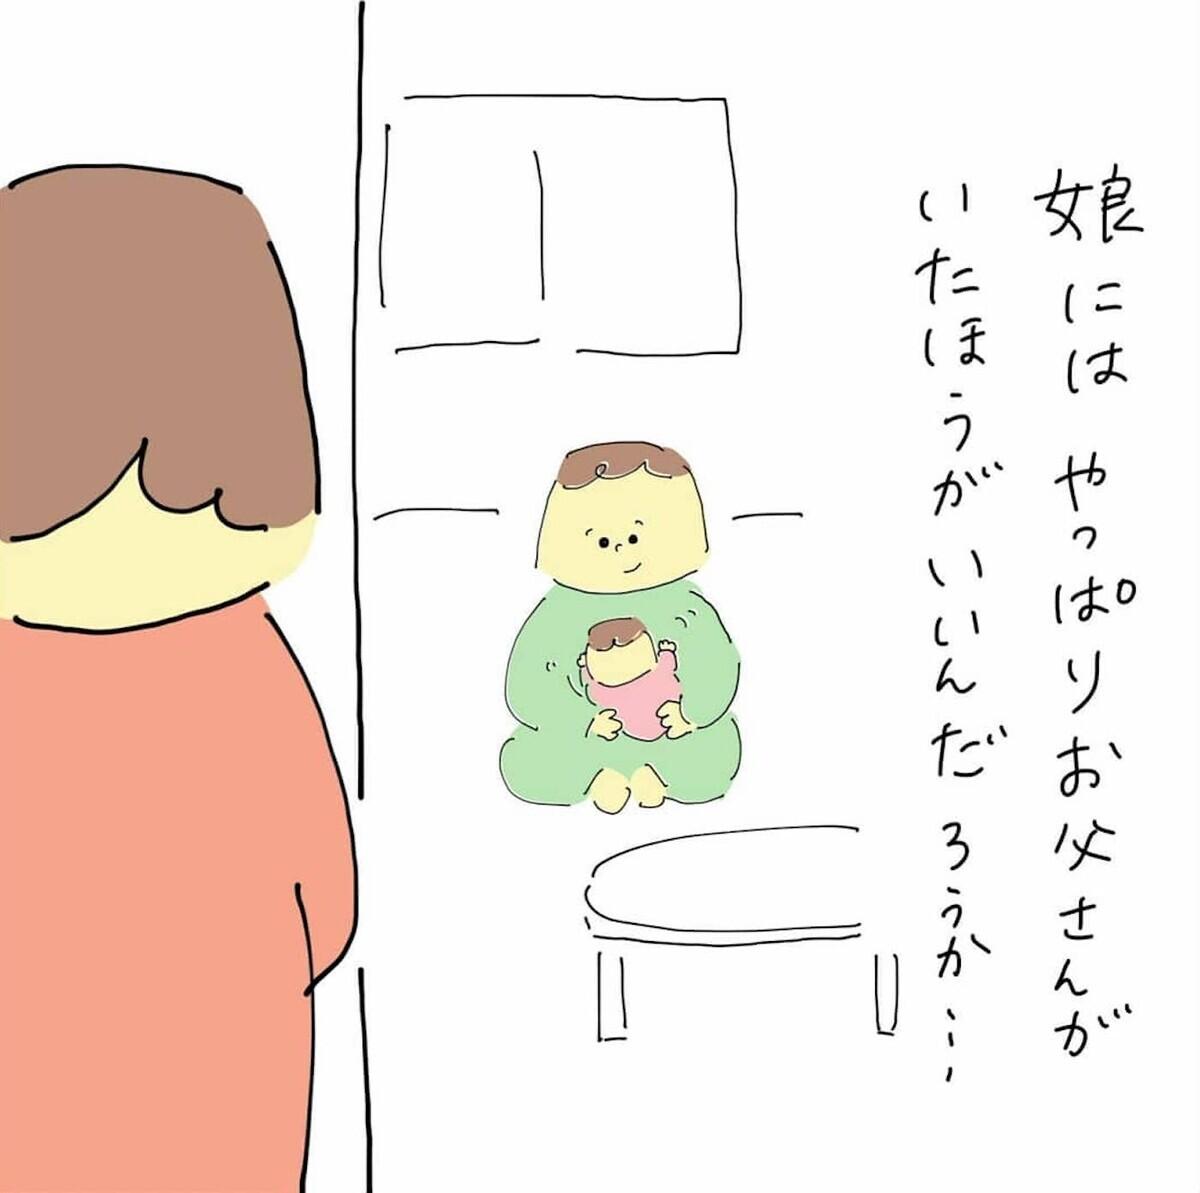 娘から父親は奪えない…不倫の事実に妻はどう向き合えばいい?(66日前&65日前) 【離婚まで100日のプリン Vol.18】